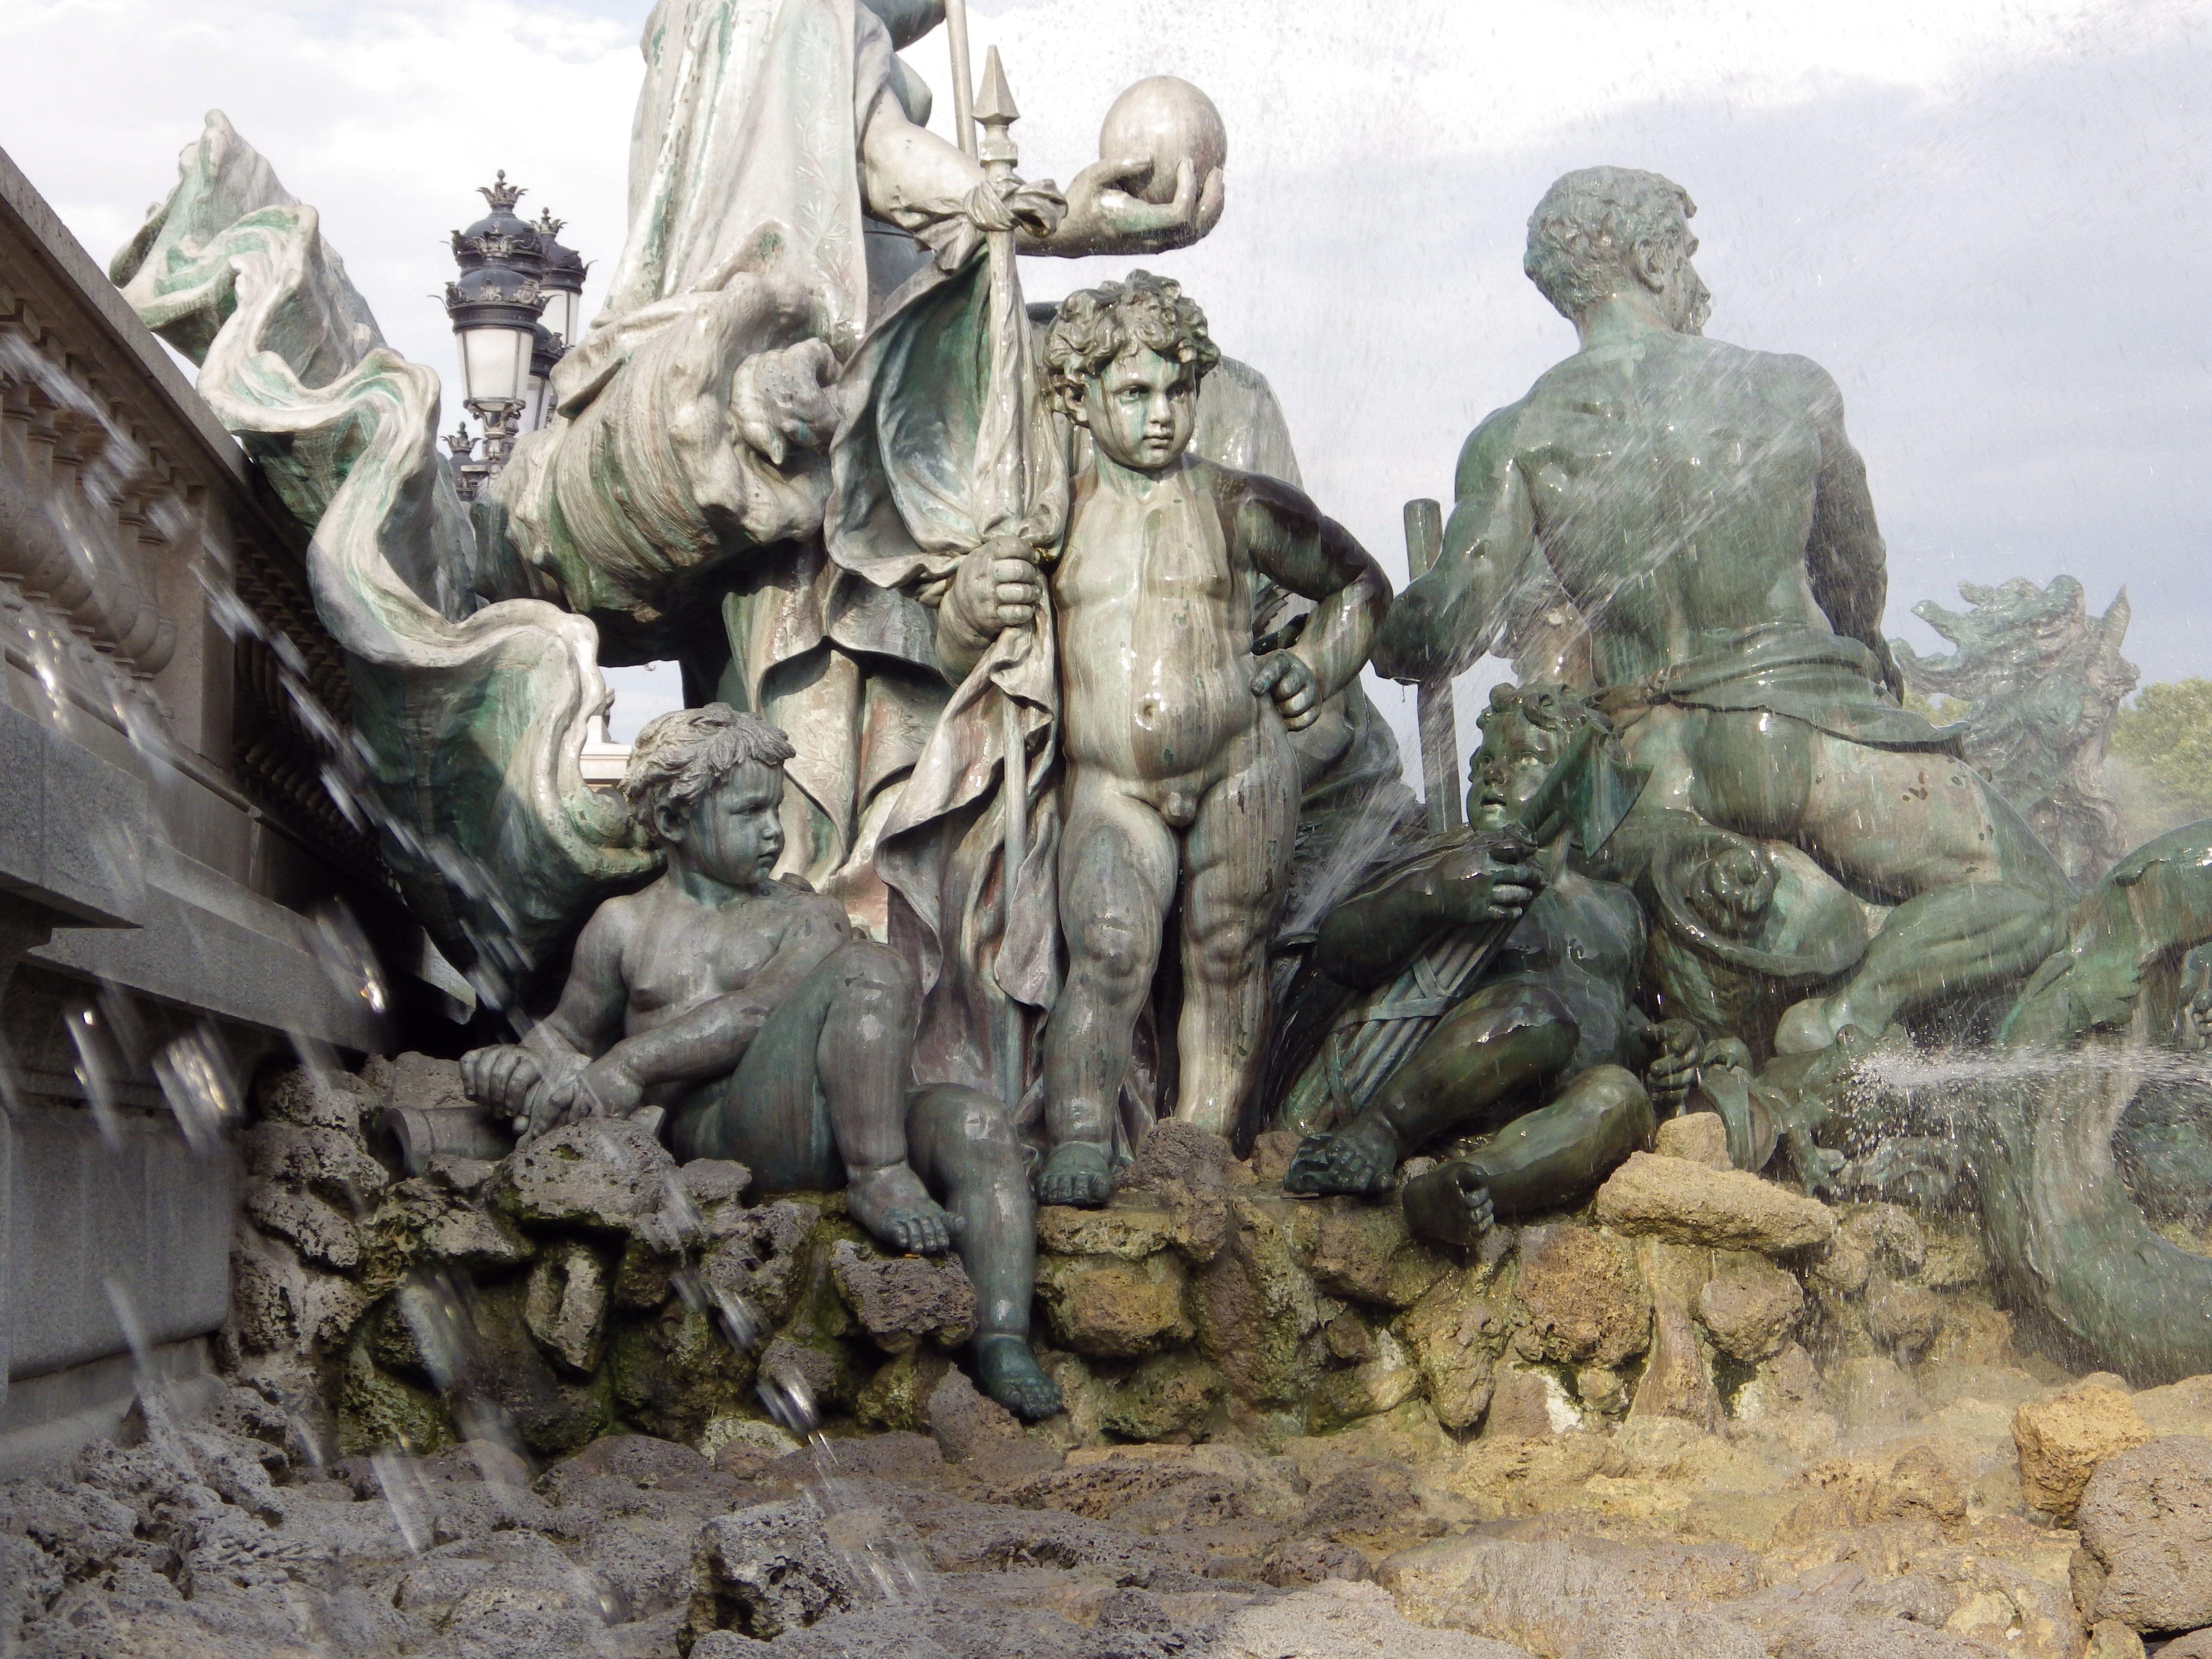 Monument des Girondins, Bordeaux, France - detail